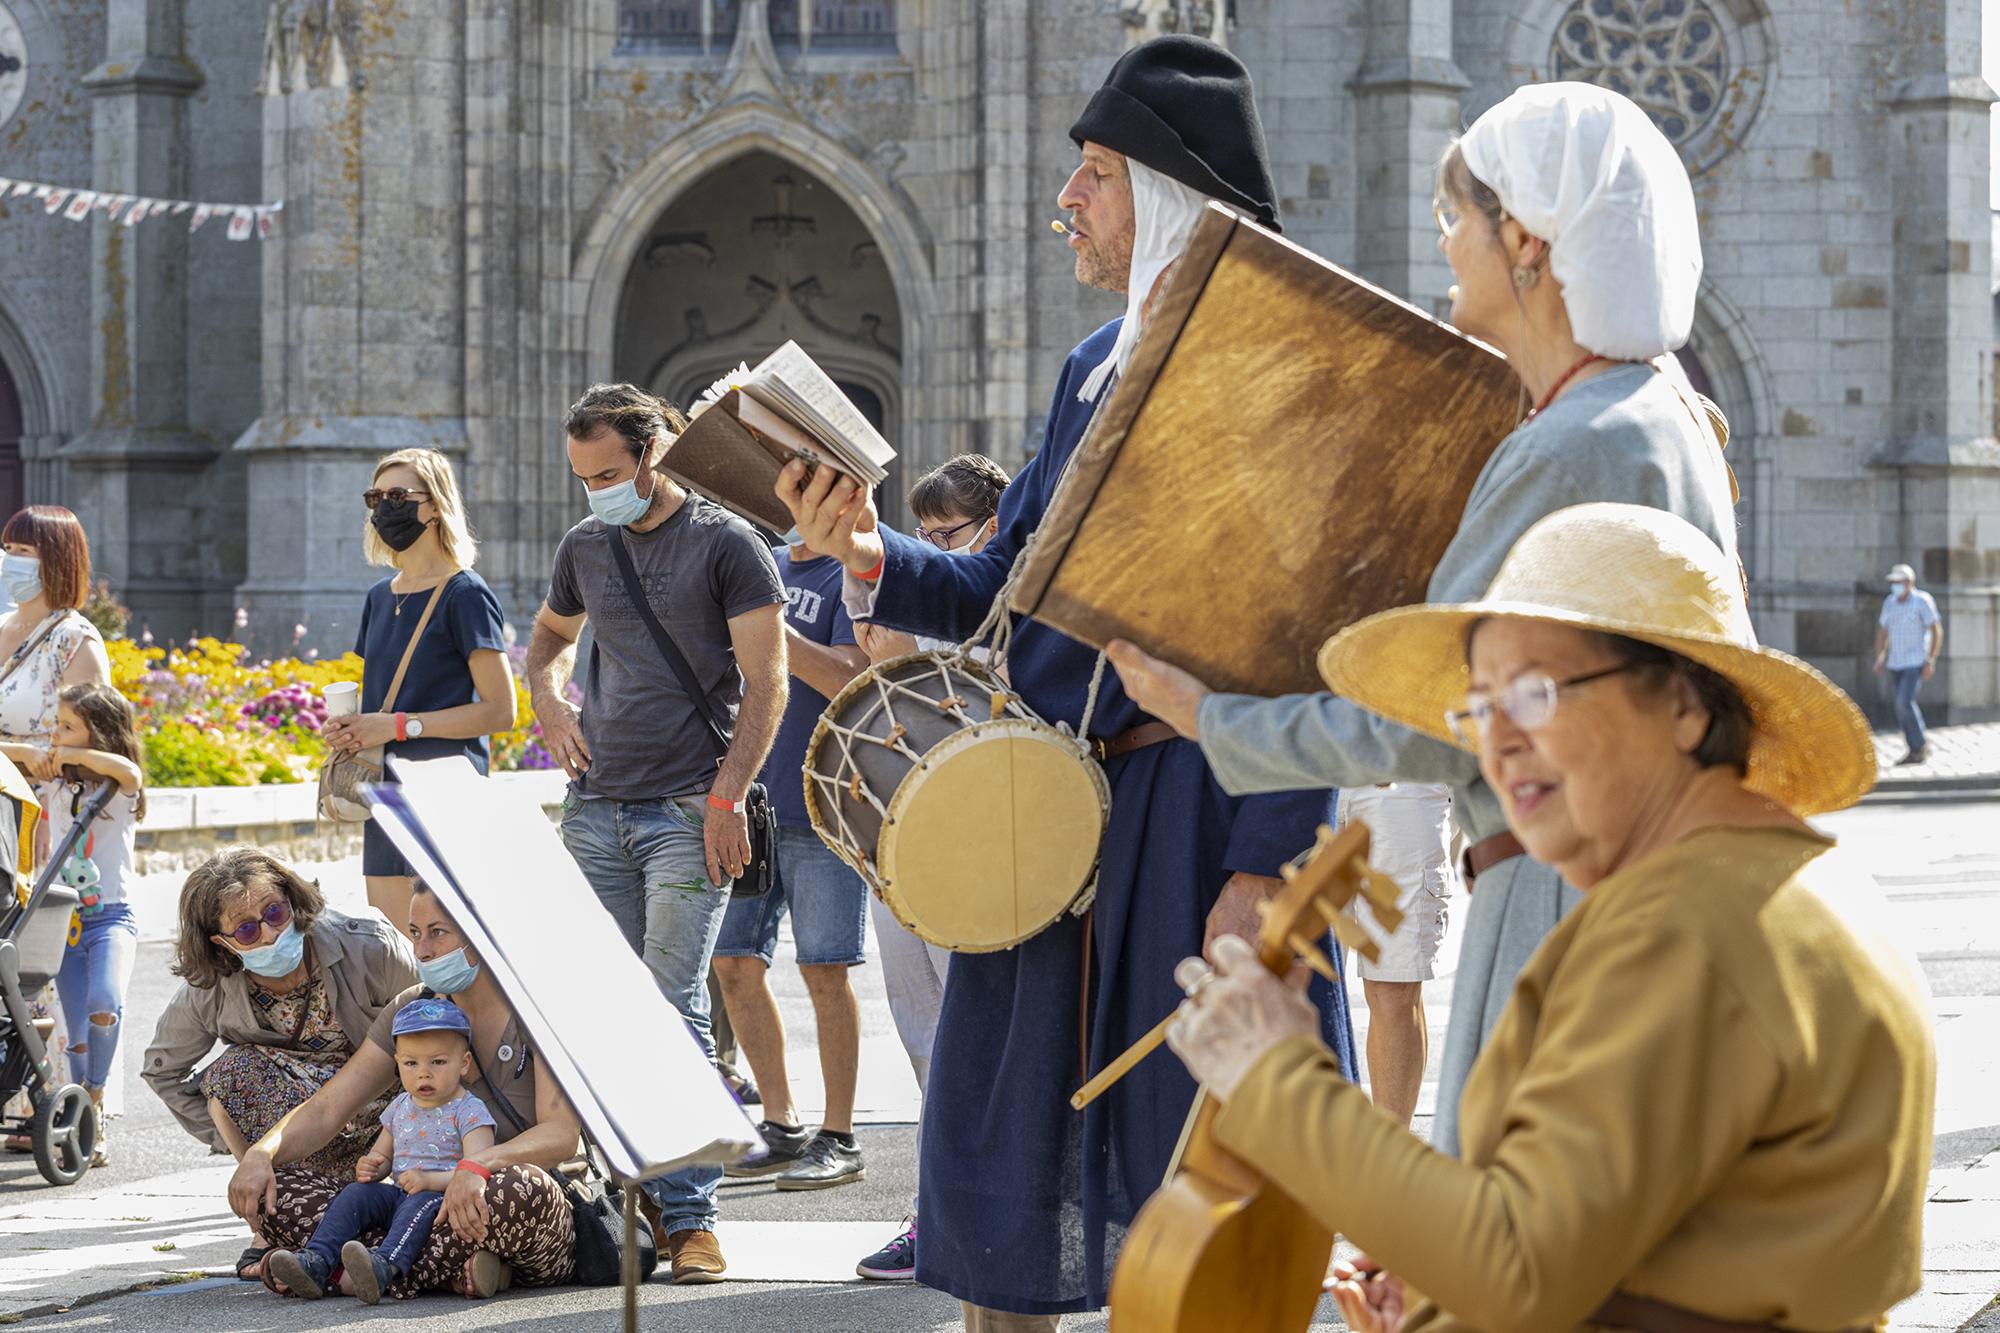 Musiciens habillés en tenue moyenâgeuse devant la basilique, avec du public en arrière plan, durant la fête des 900 ans du marché de la Guerche-de-Bretagne. Samedi 4 septembre 2021.